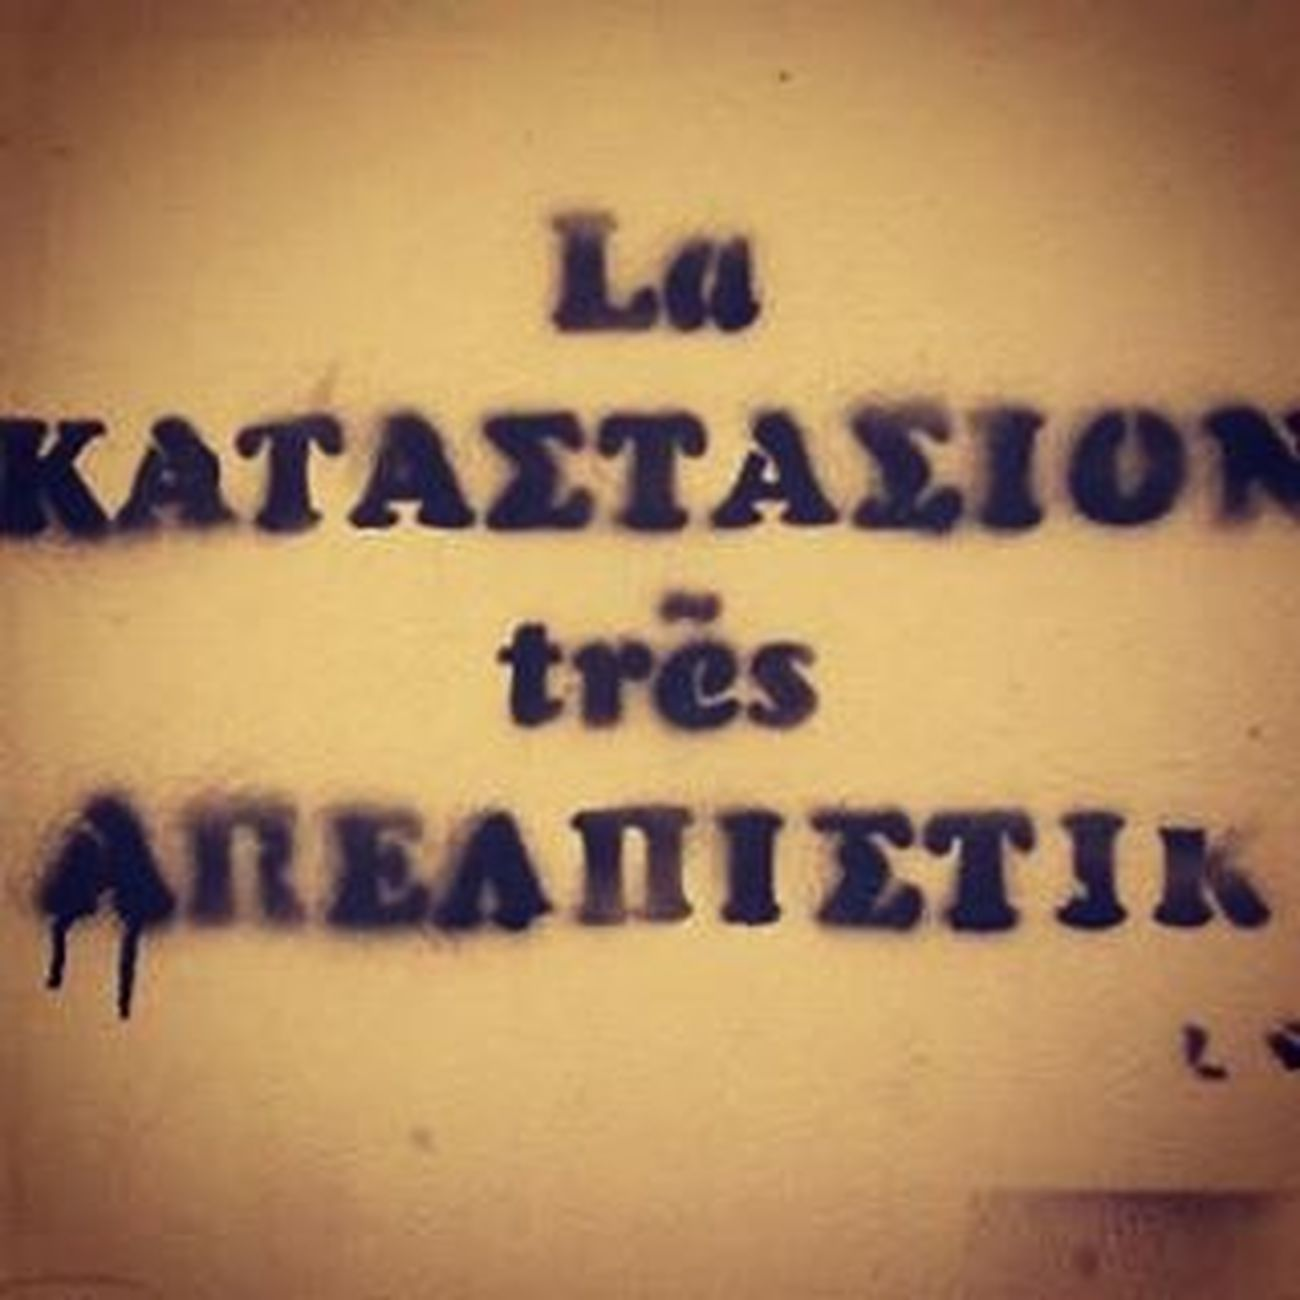 Μιλάμε για πολύ απελπιστίκ όμως. Metaxourgeio Metaxourgeiosquare Graffiti Lakatastasikontresapelpistik Creativepeople Creativity Blepapagalos Favoriteplace Withmyloves Nelly Mika Anastasia Ioanna